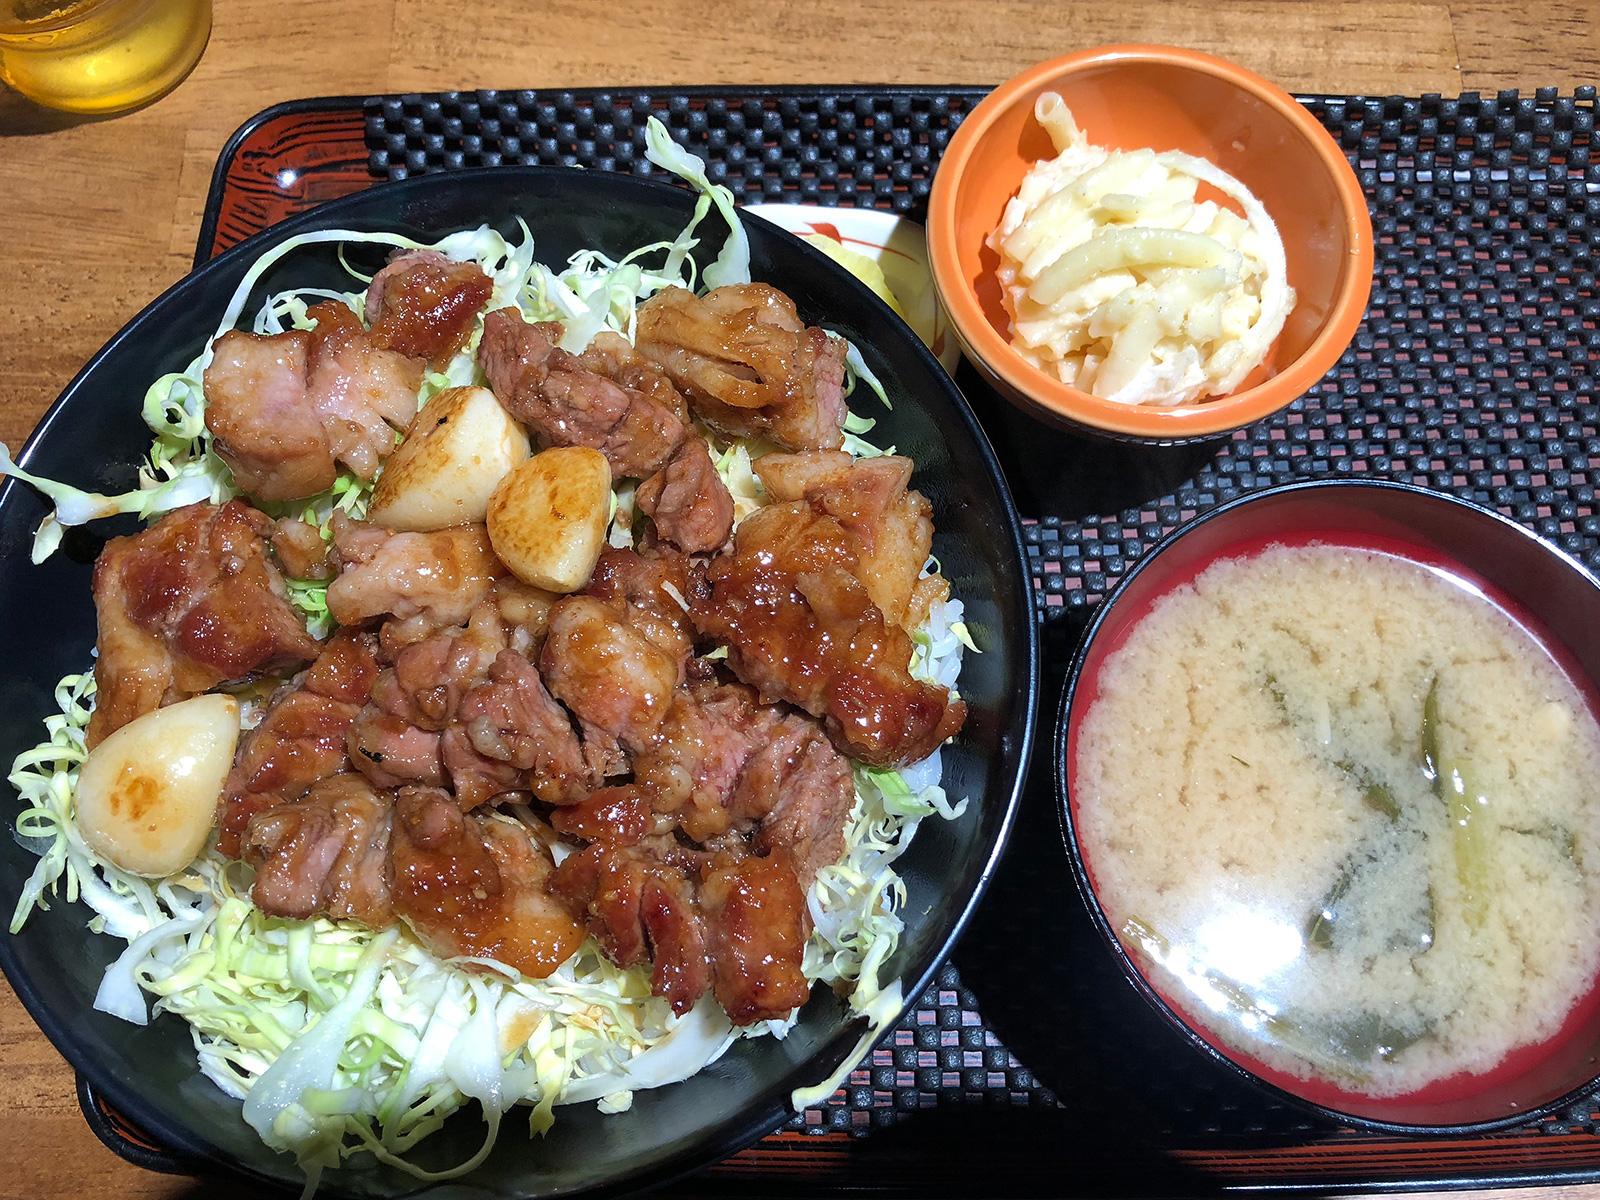 「喫茶クルー」のとんてきメガ丼 @中村区役所